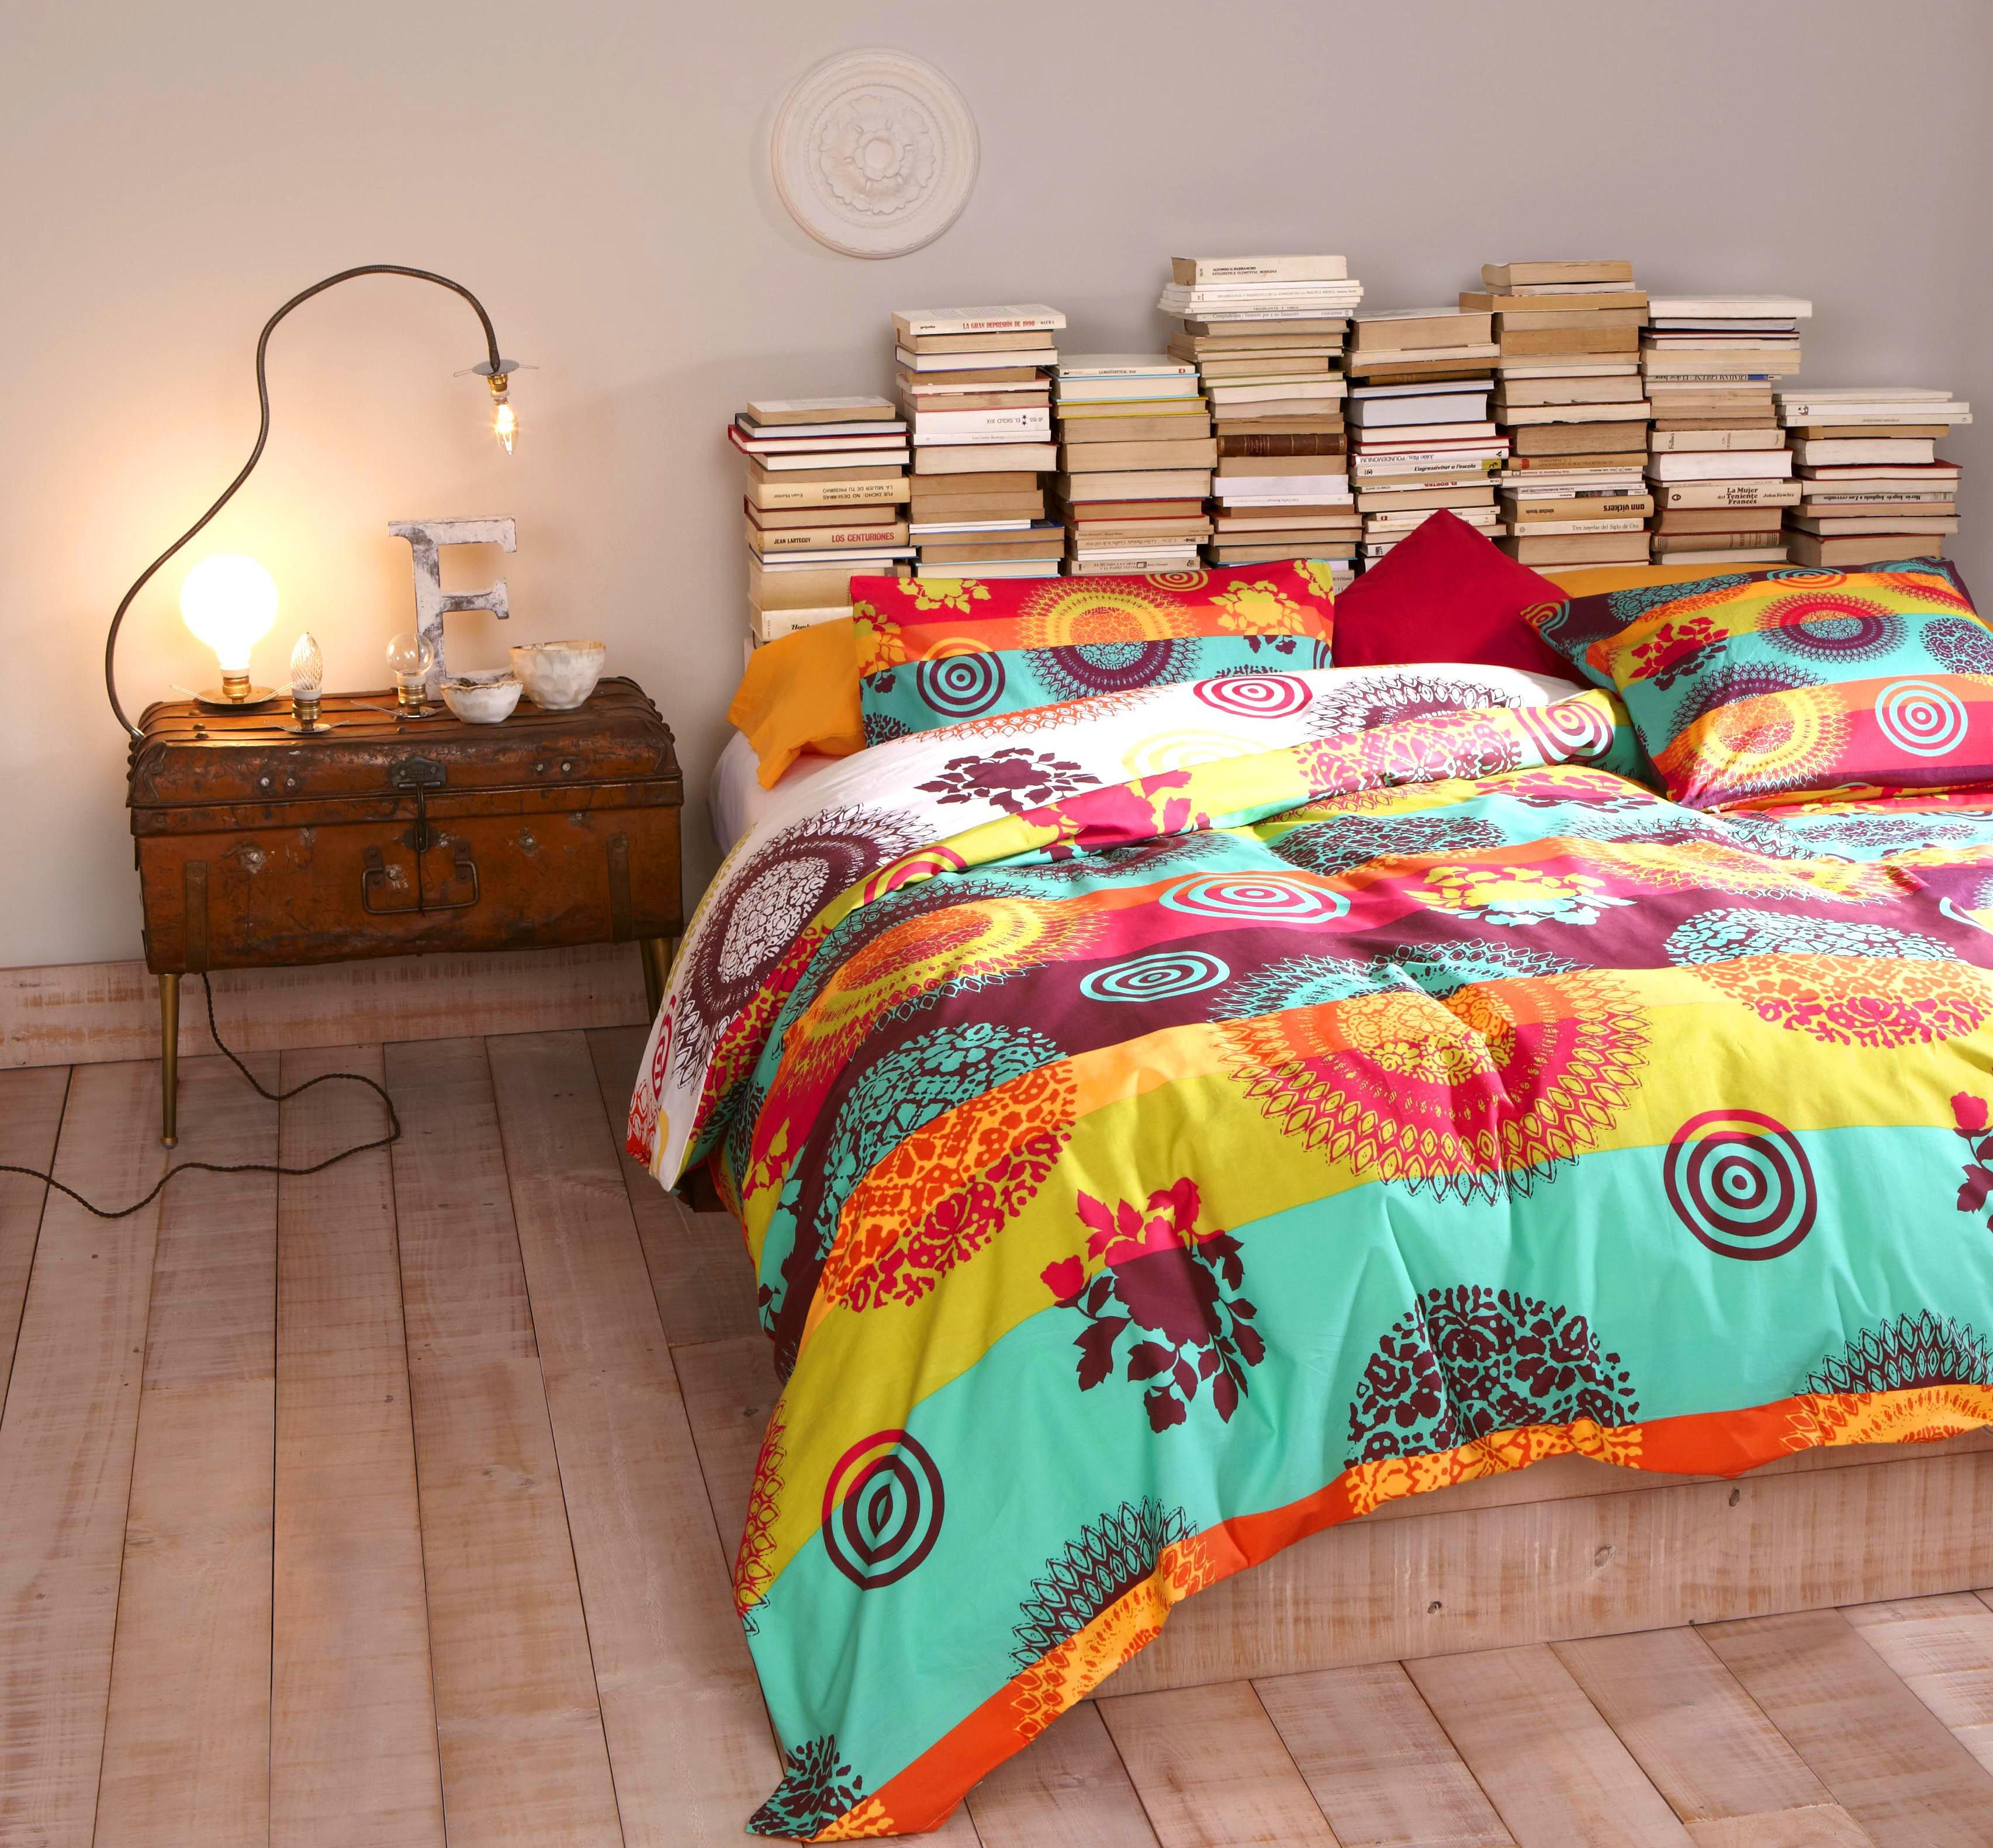 Bedroom With Desigual Bedding Wohnen, Zuhause, Dekoration, Bettdecke,  Oberkochen, Nachttisch,